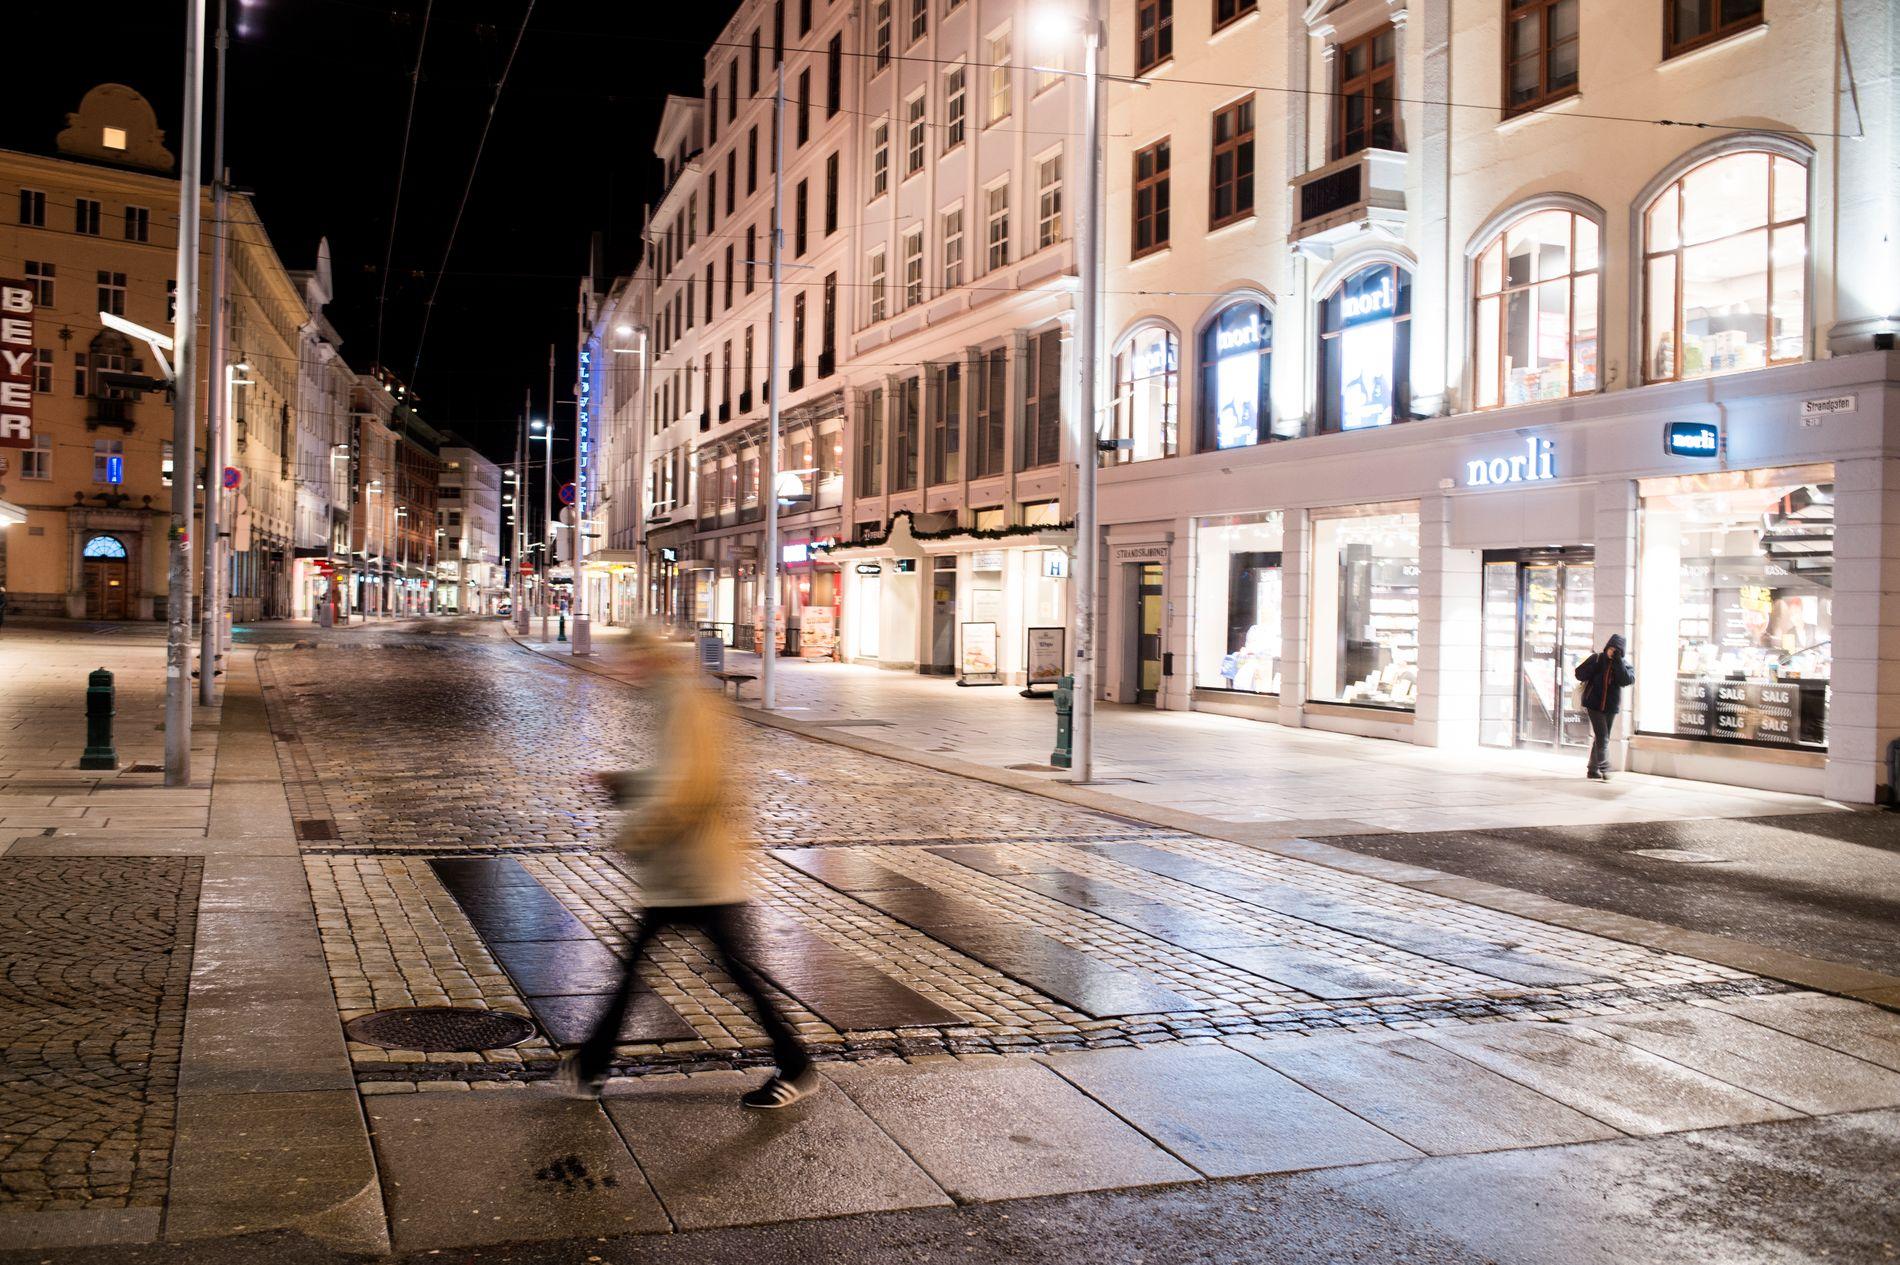 EIERSKAP: Det er utformingen av selve gaten i Strandgaten som får deg til å føle at du eier gaten litt mer. Noen har visst hvilke grep som måtte gjøres for å få deg til å endre atferd, skriver byarkitekt Maria Molden.